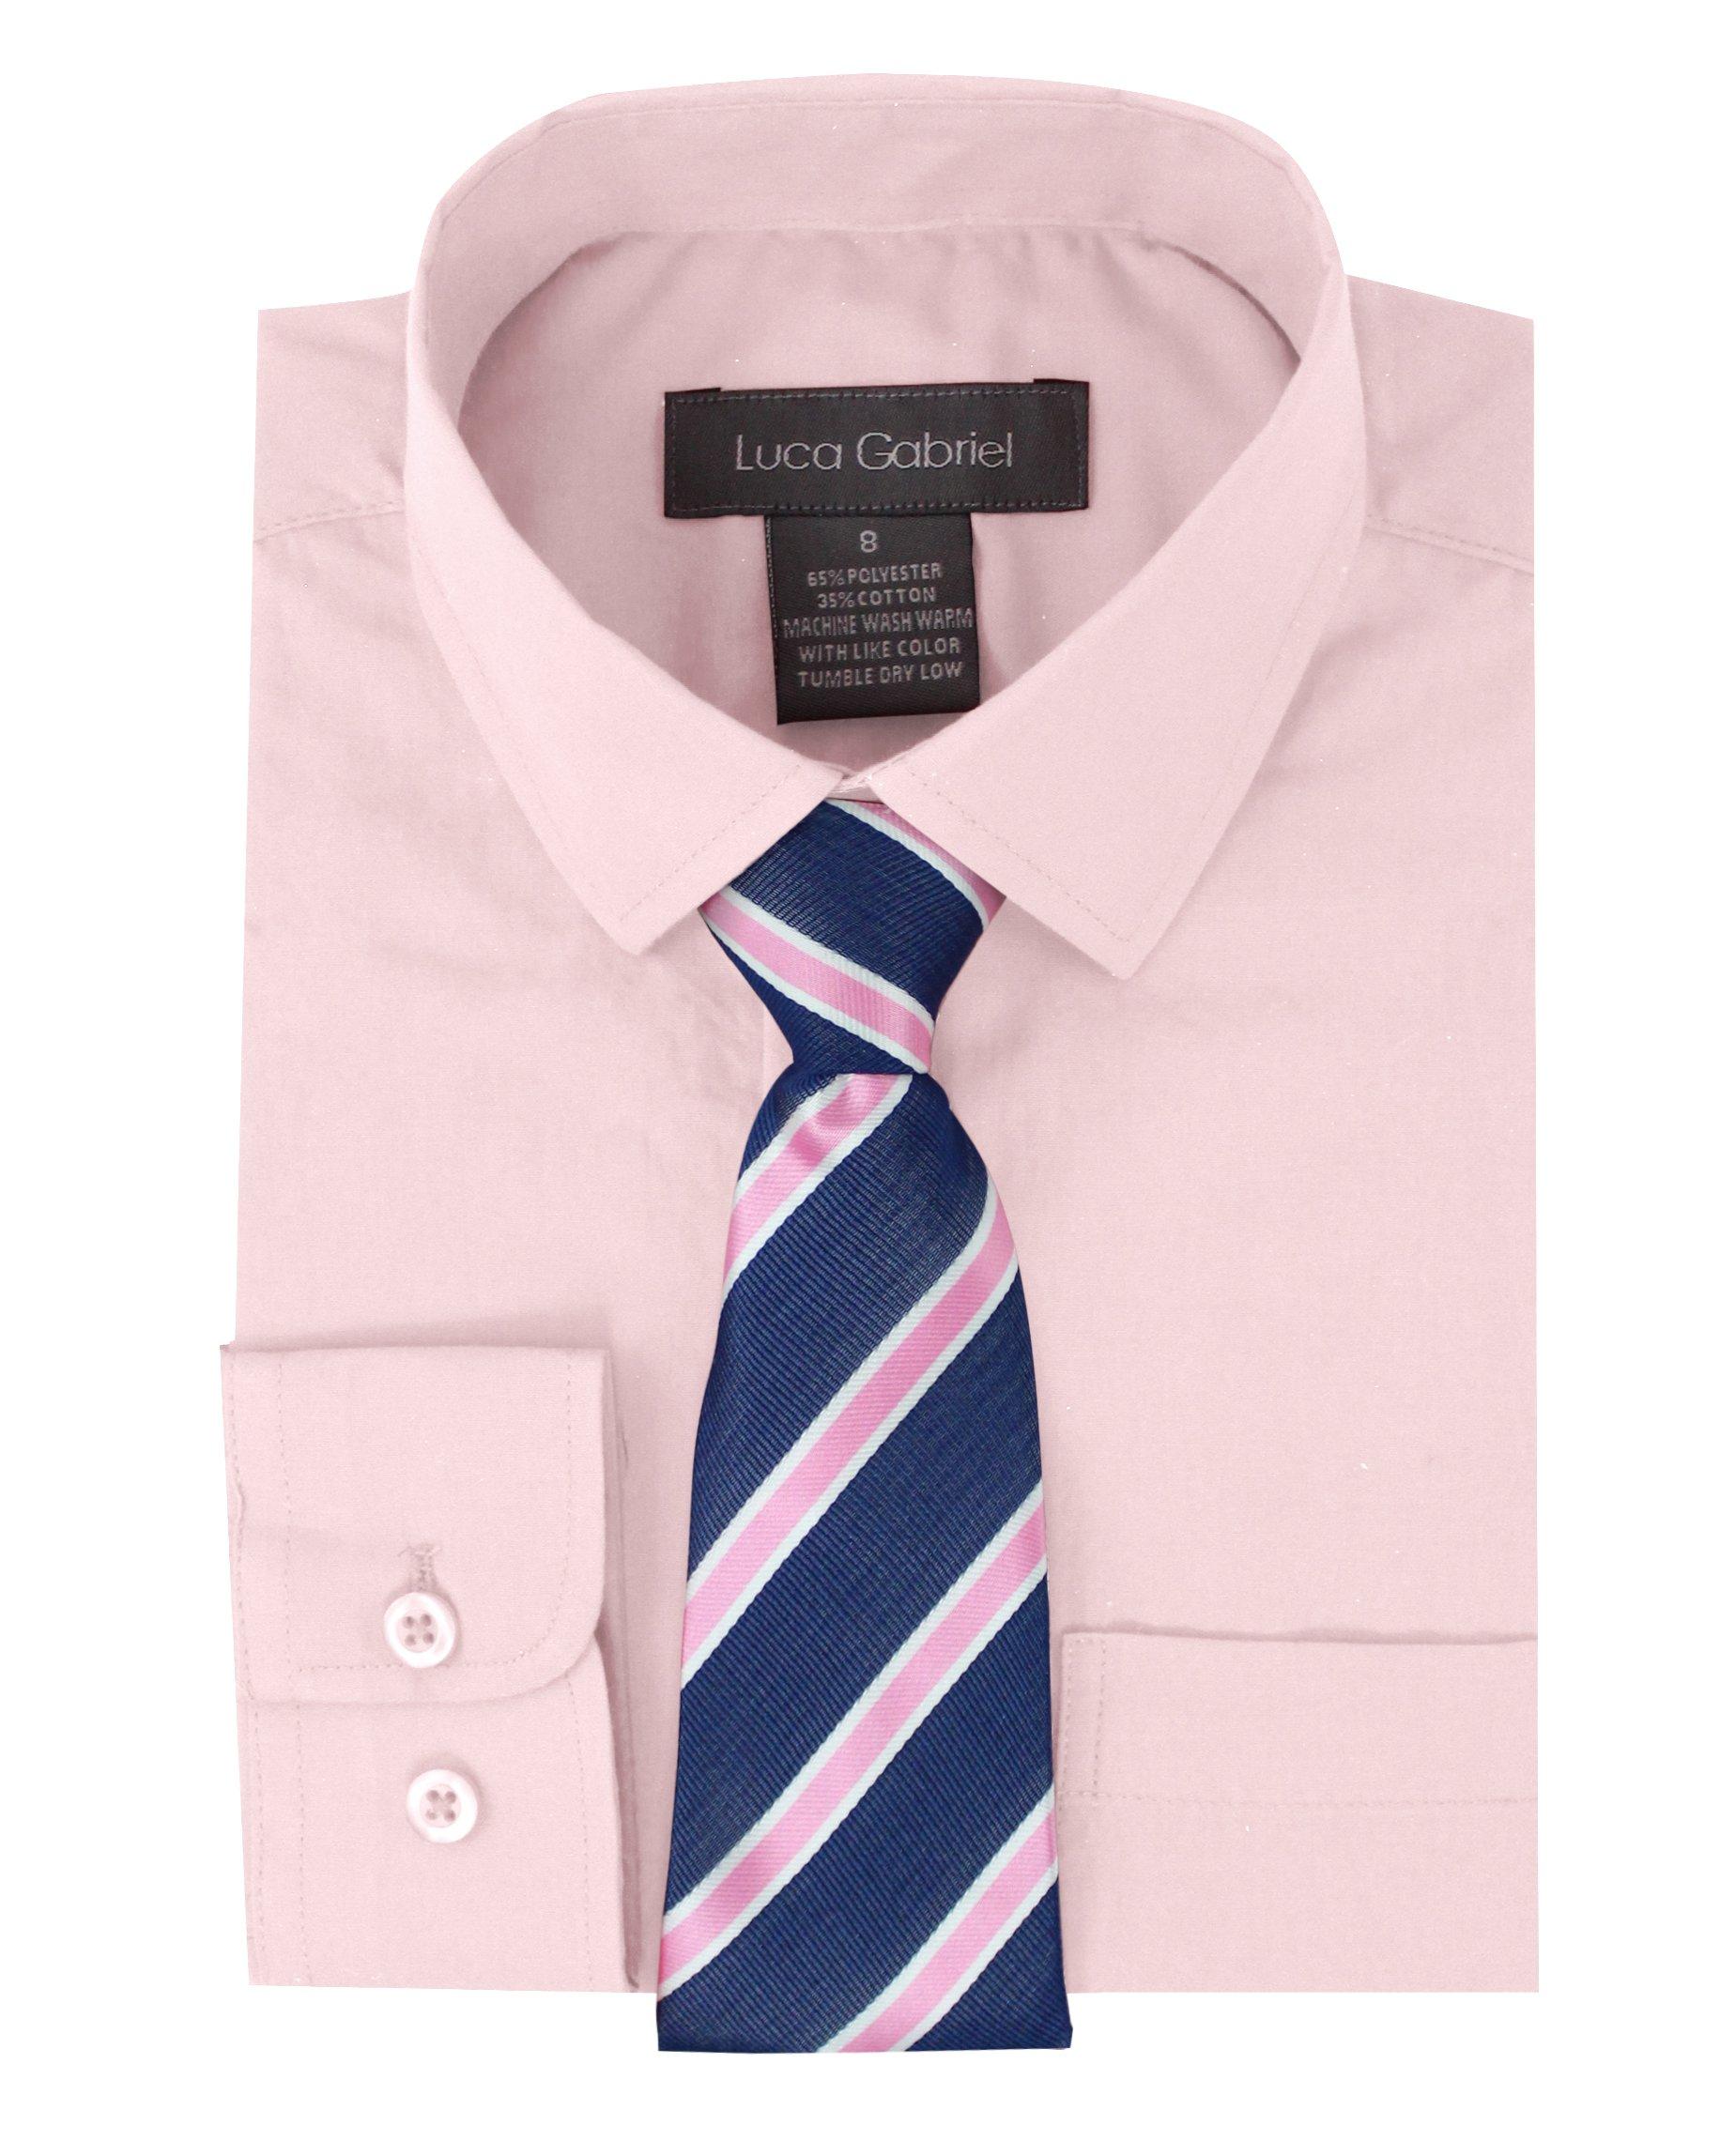 Luca Gabriel Toddler Boy's Long Sleeve Formal Button Down Dress Shirt & Tie Set - Pink Size 8